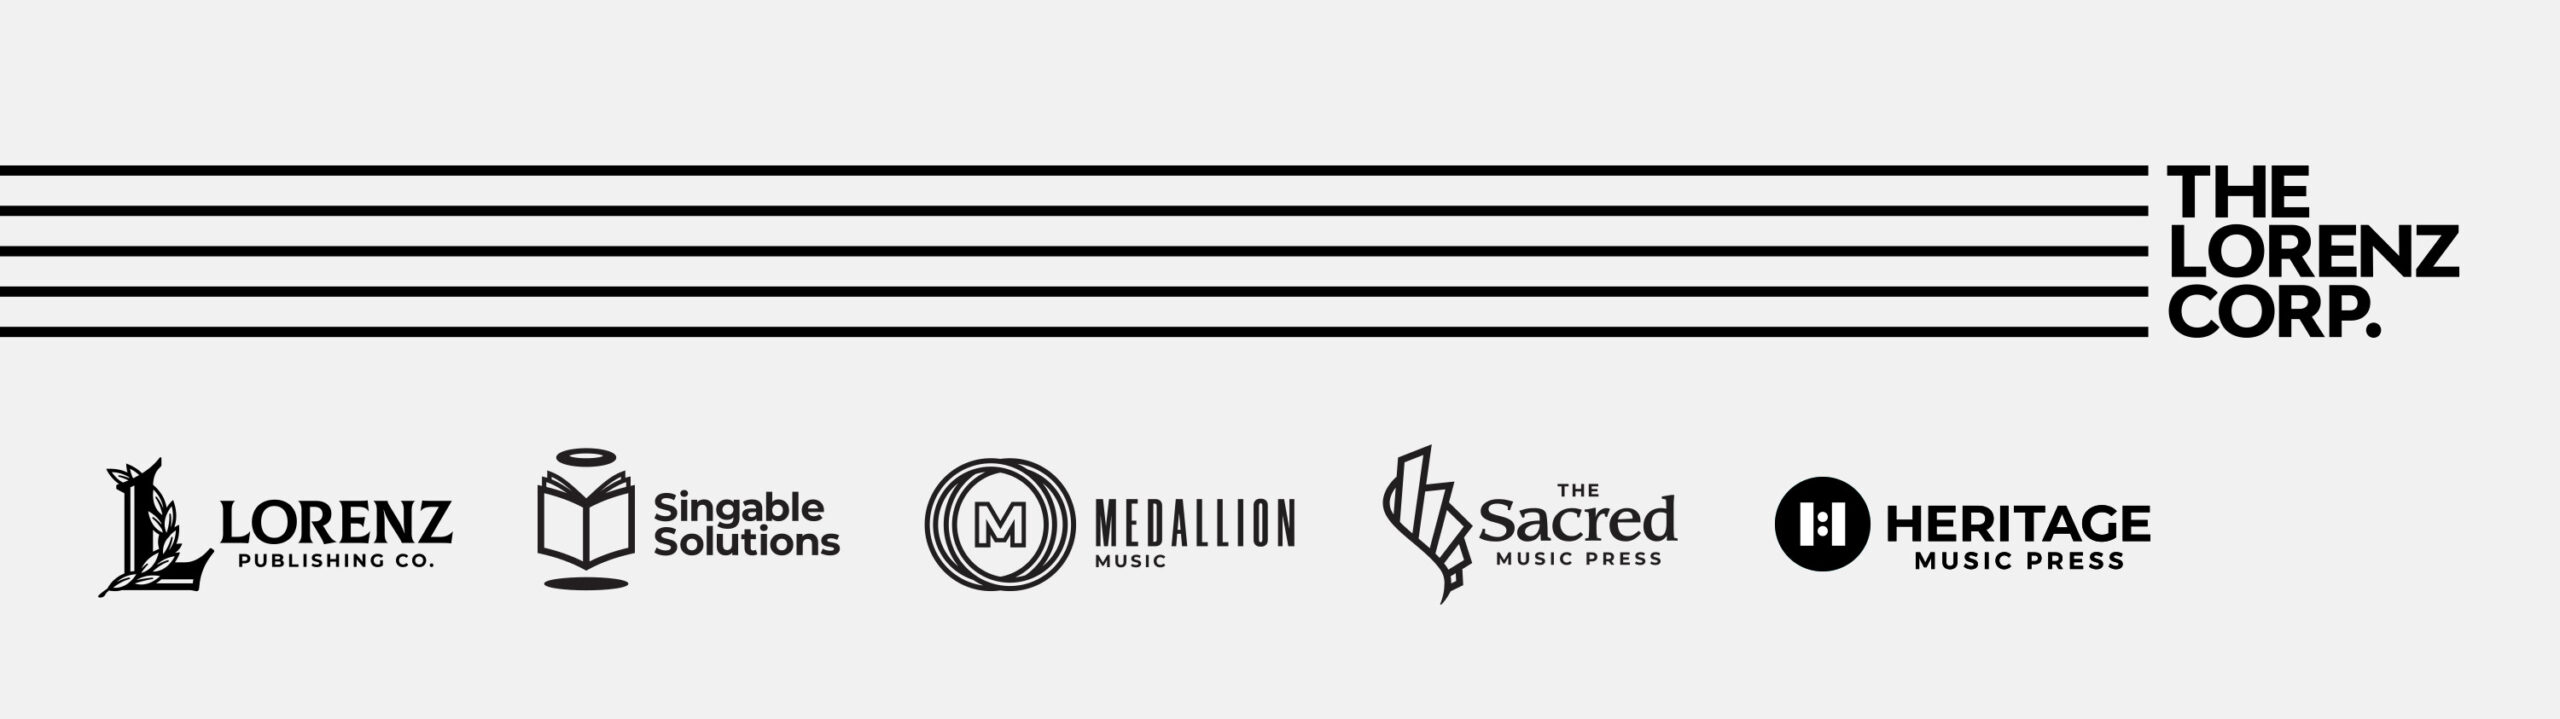 Lorenz-All-Logos